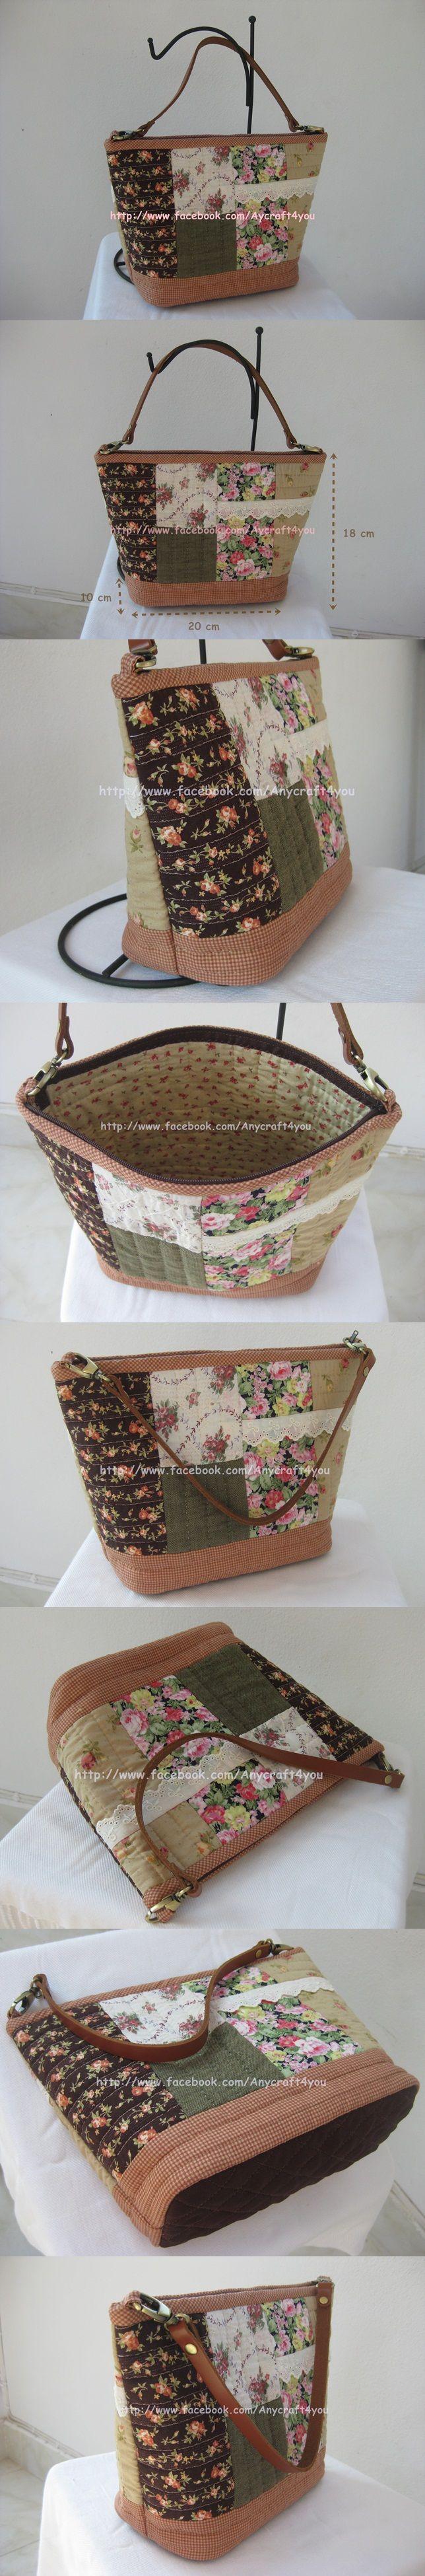 Vintage sweet purse